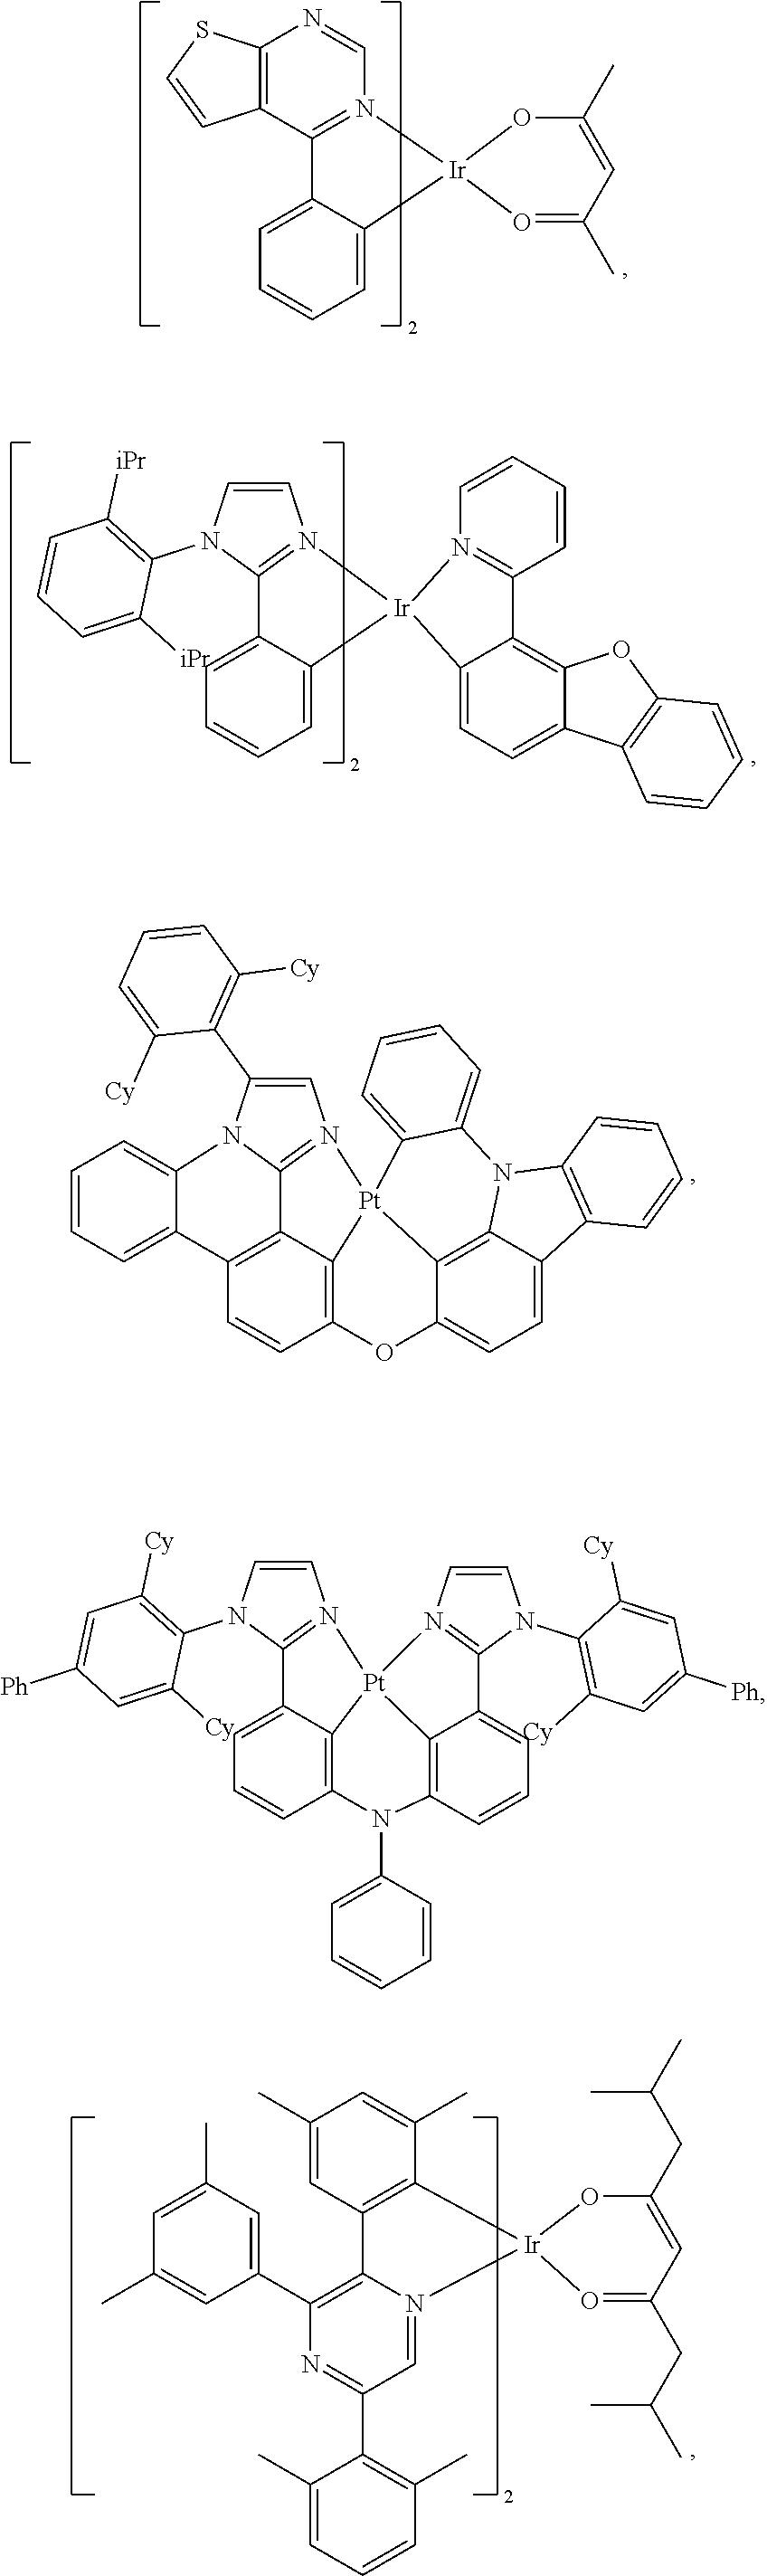 Figure US20190161504A1-20190530-C00068